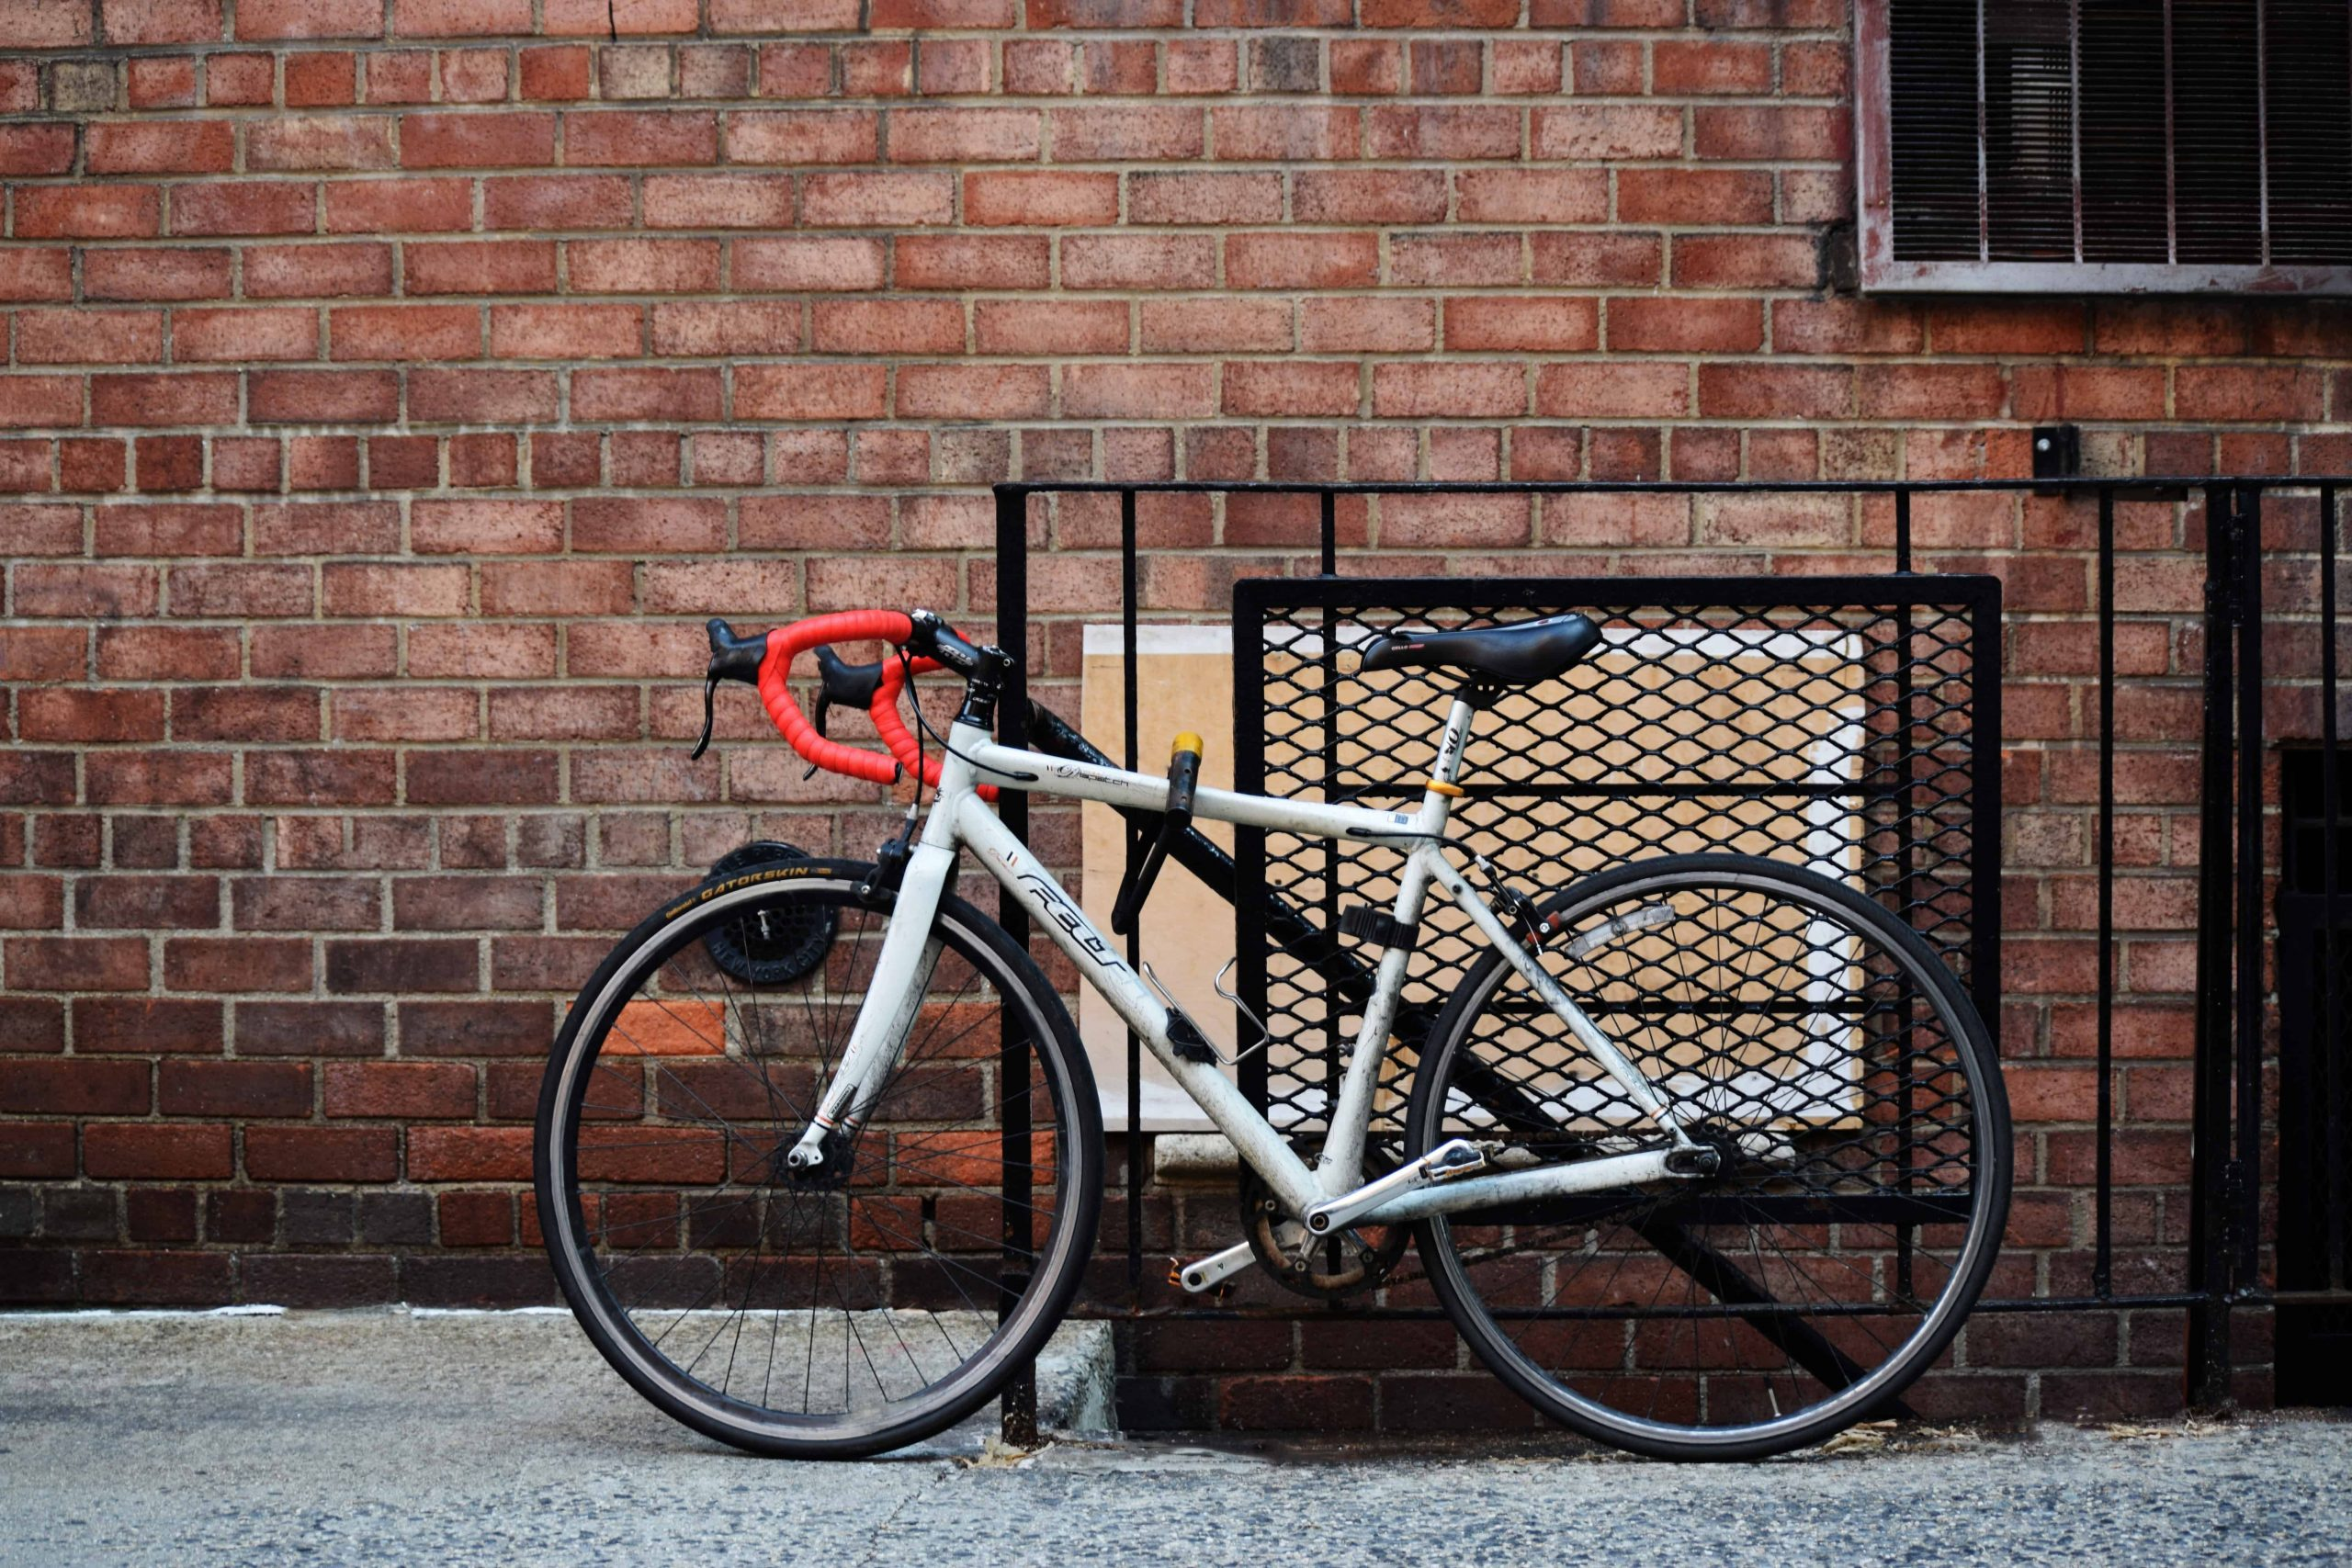 Rennrad mit Bügelschloss angekettet